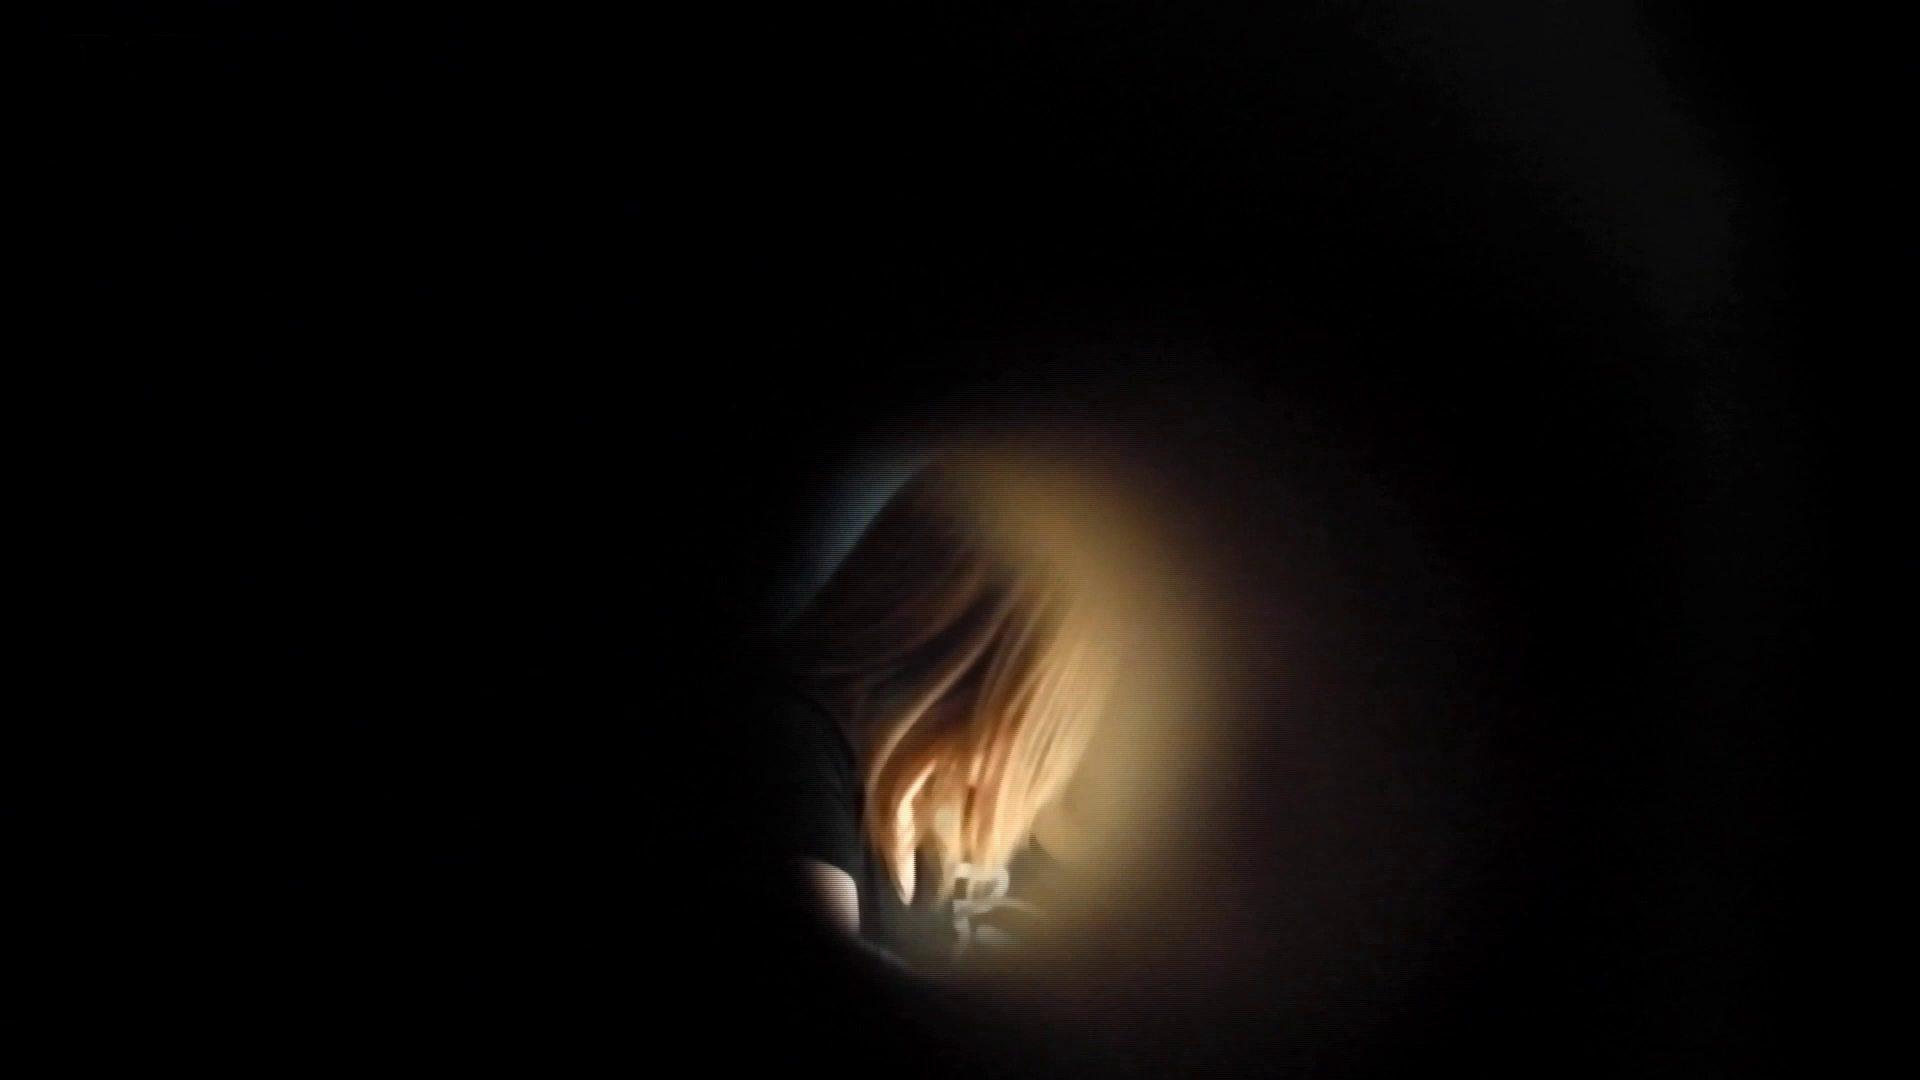 ステーション編 vol40 更に画質アップ!!無料動画のモデルつい登場3 丸見え すけべAV動画紹介 91画像 57